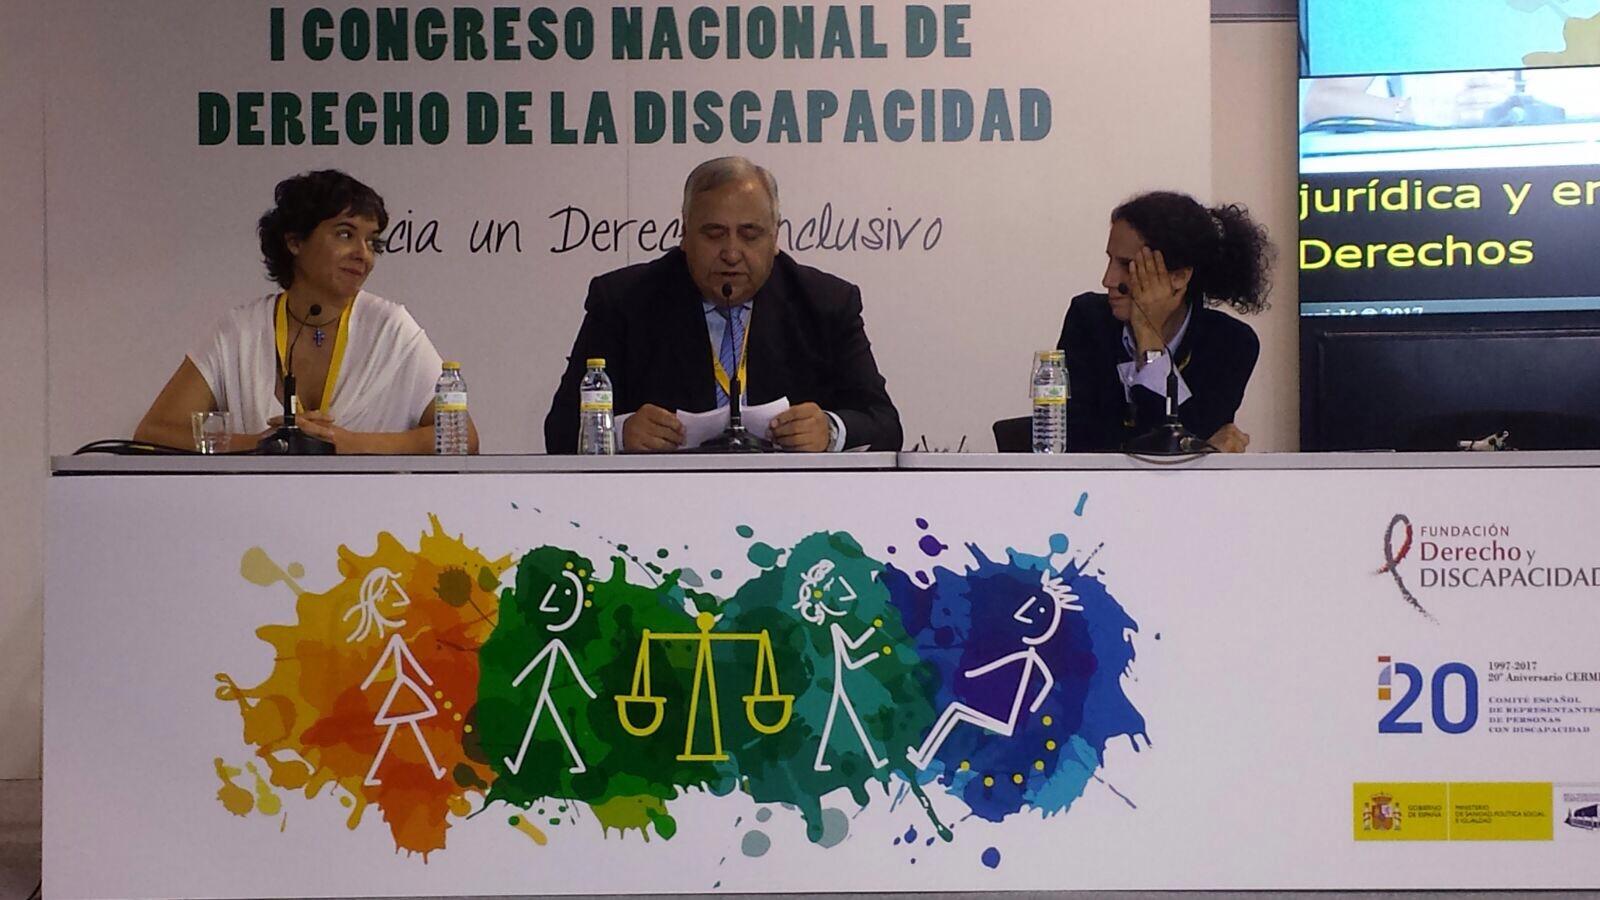 Inibedi participa en el I Congreso Nacional de Derecho de la Discapacidad